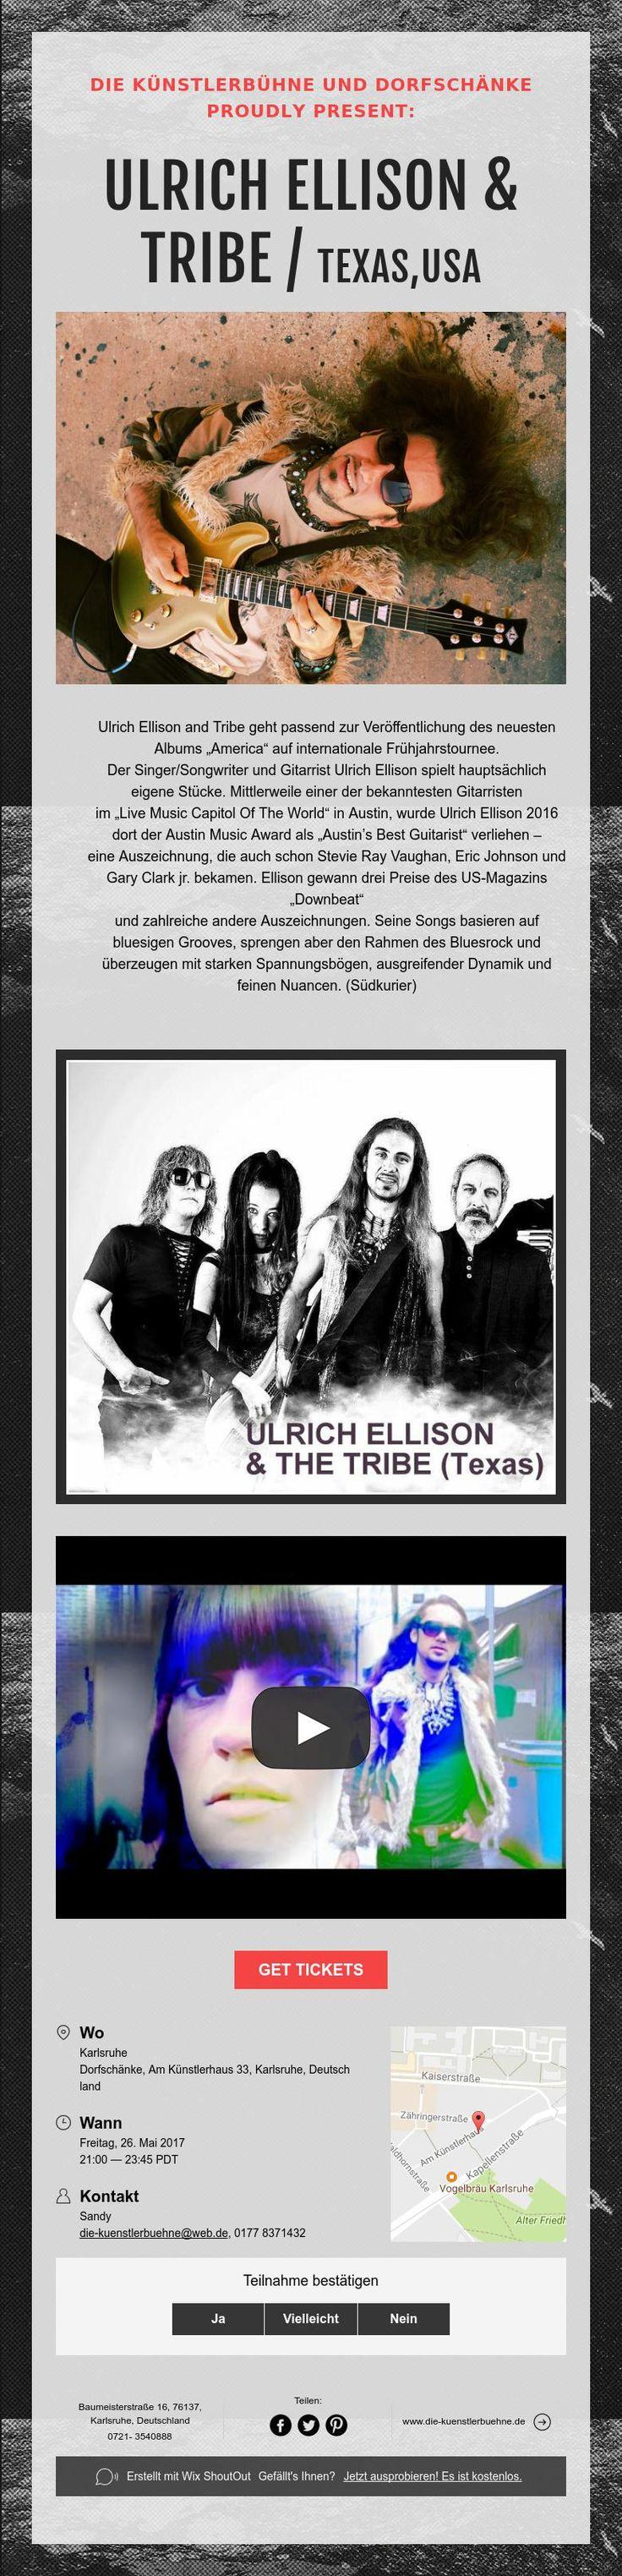 KONZERTANKÜNDIGUNG /Dorfschänke:ULRICH ELLISON & TRIBE/ TEXAS,USA